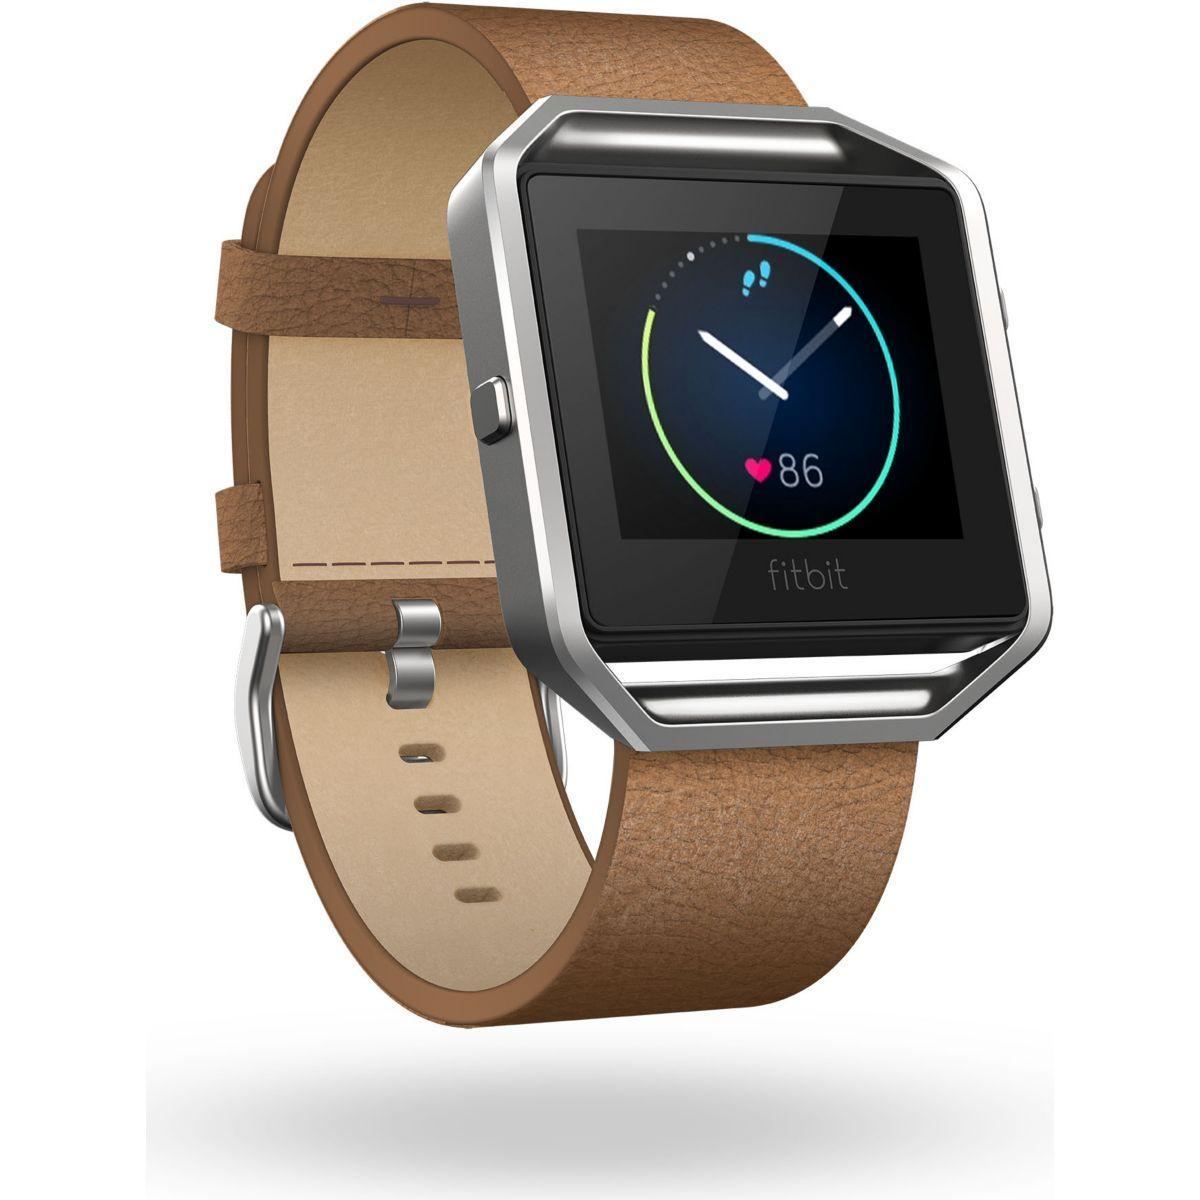 Accessoire fitbit bracelet cuir blaze camel s - 15% de remise immédiate avec le code : cool15 (photo)